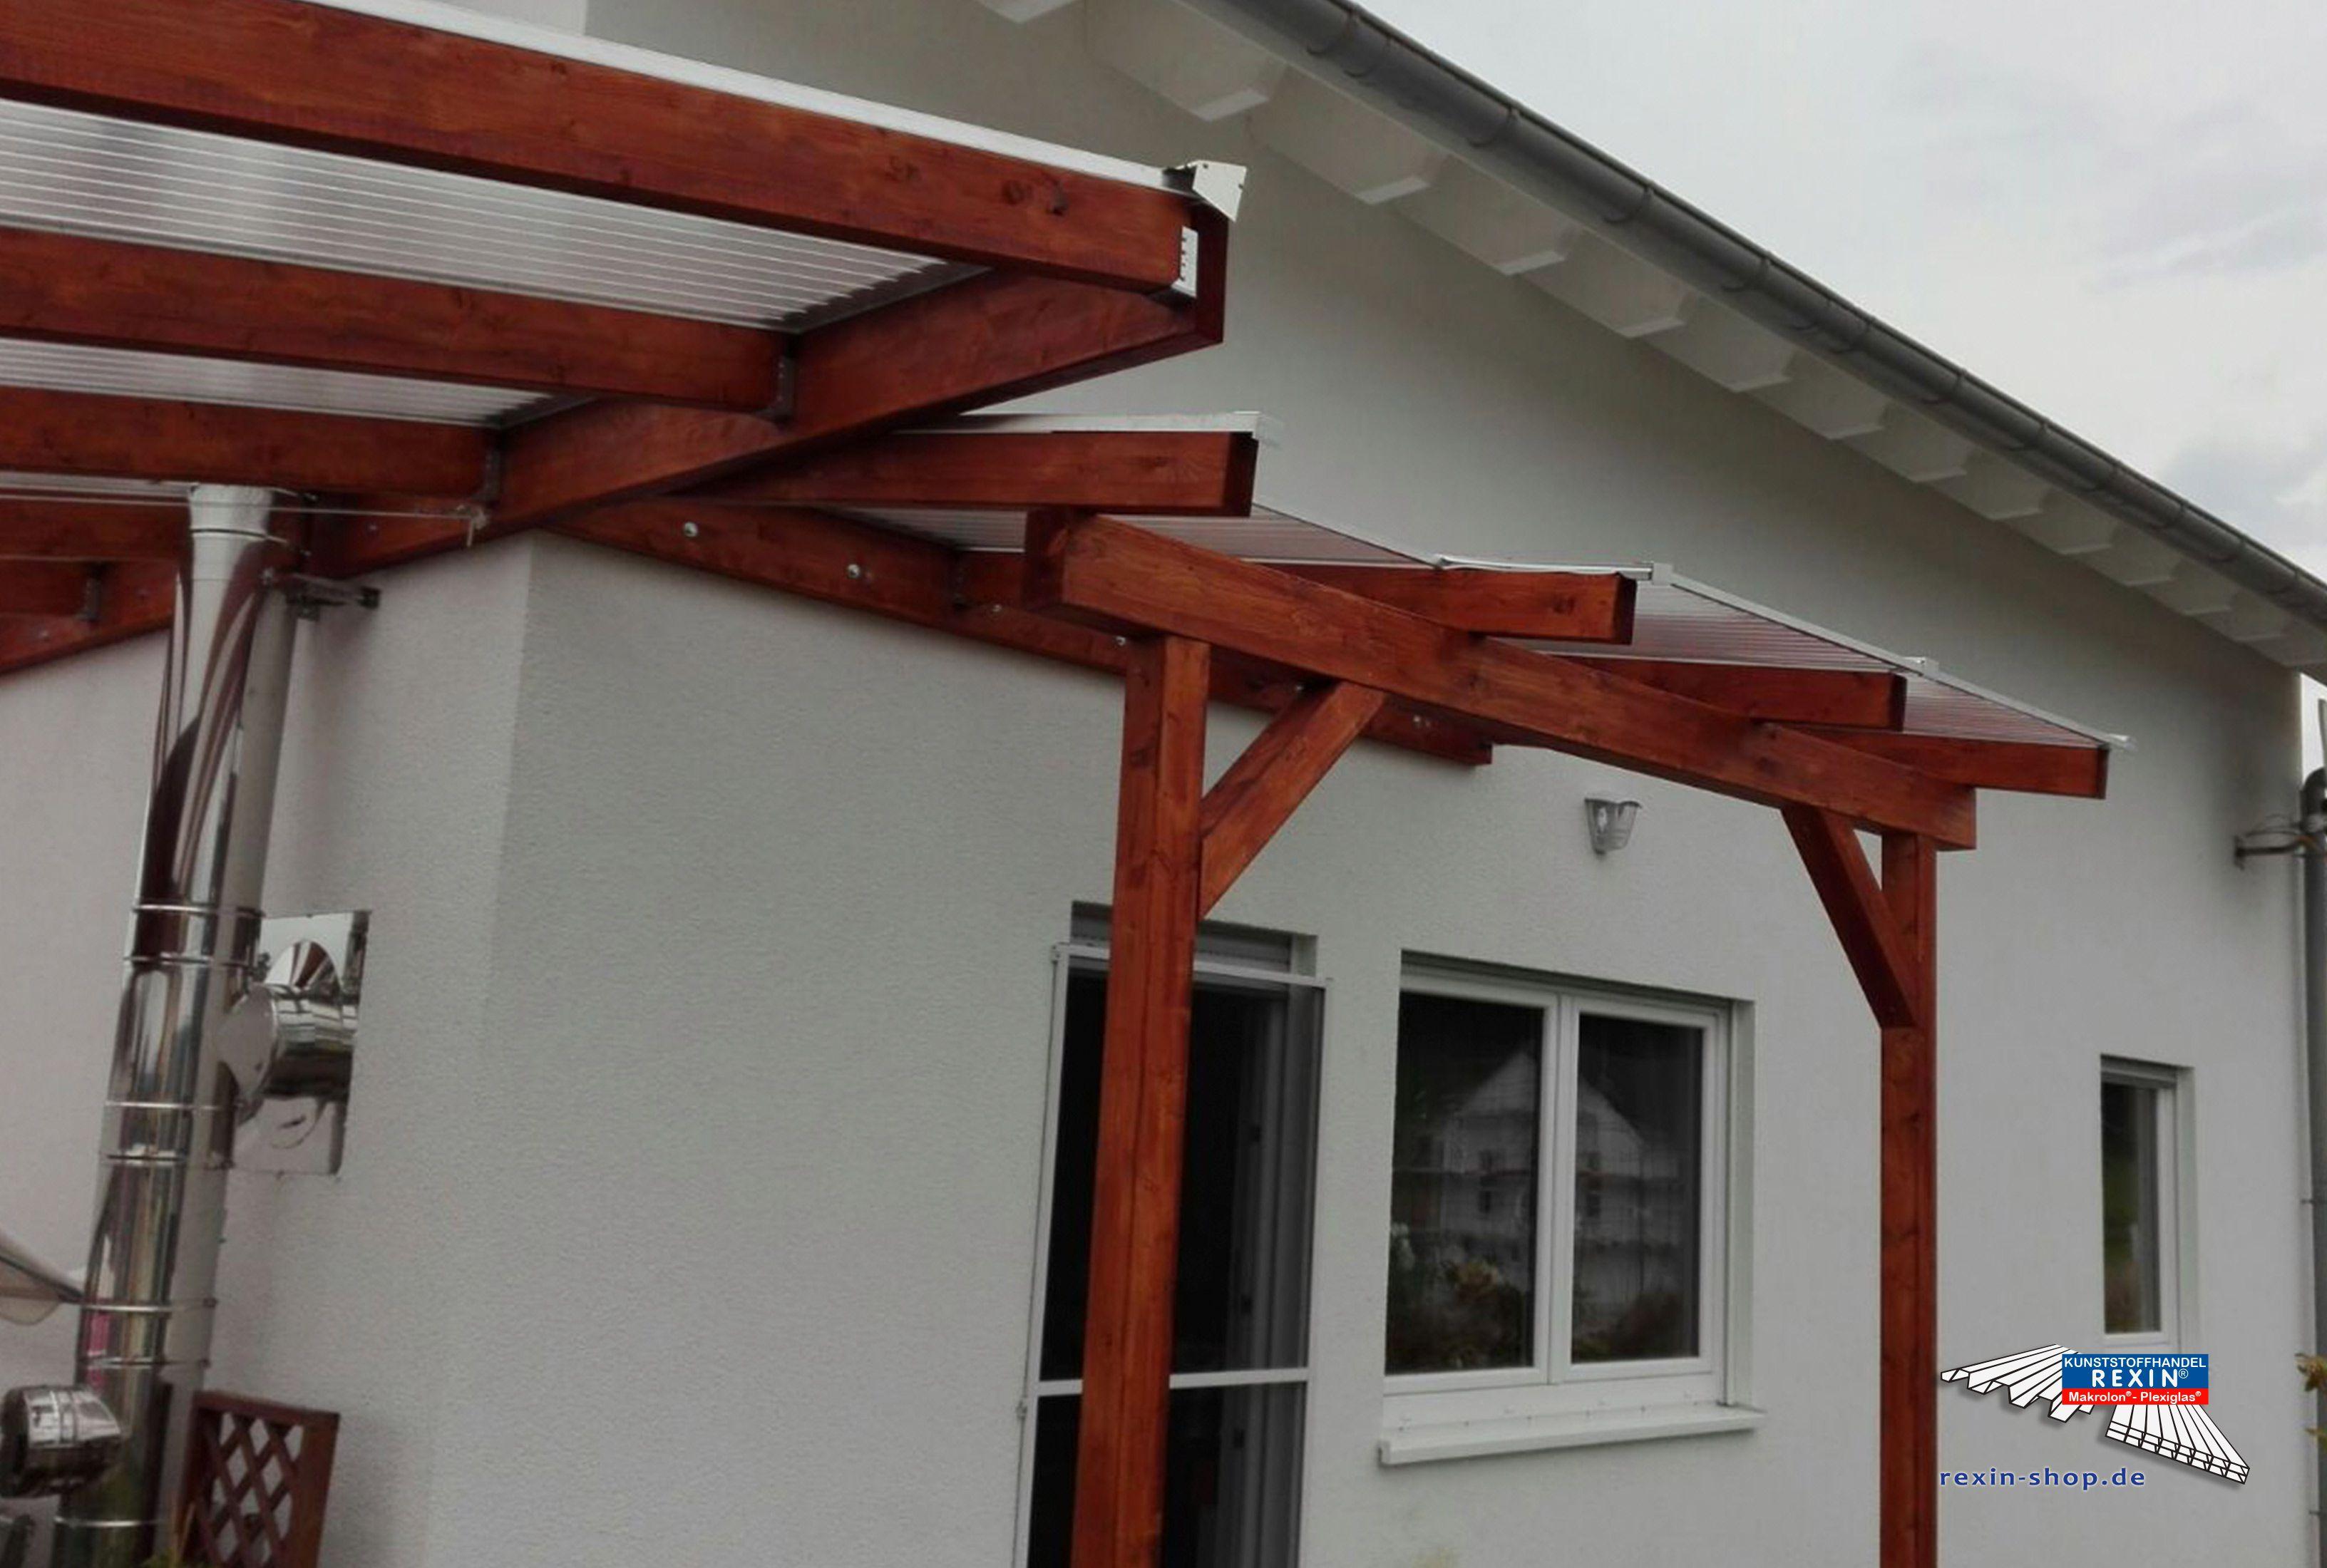 Pin von Kunststoffhandel Rexin GmbH auf Holz Terrassenüberdachung ...